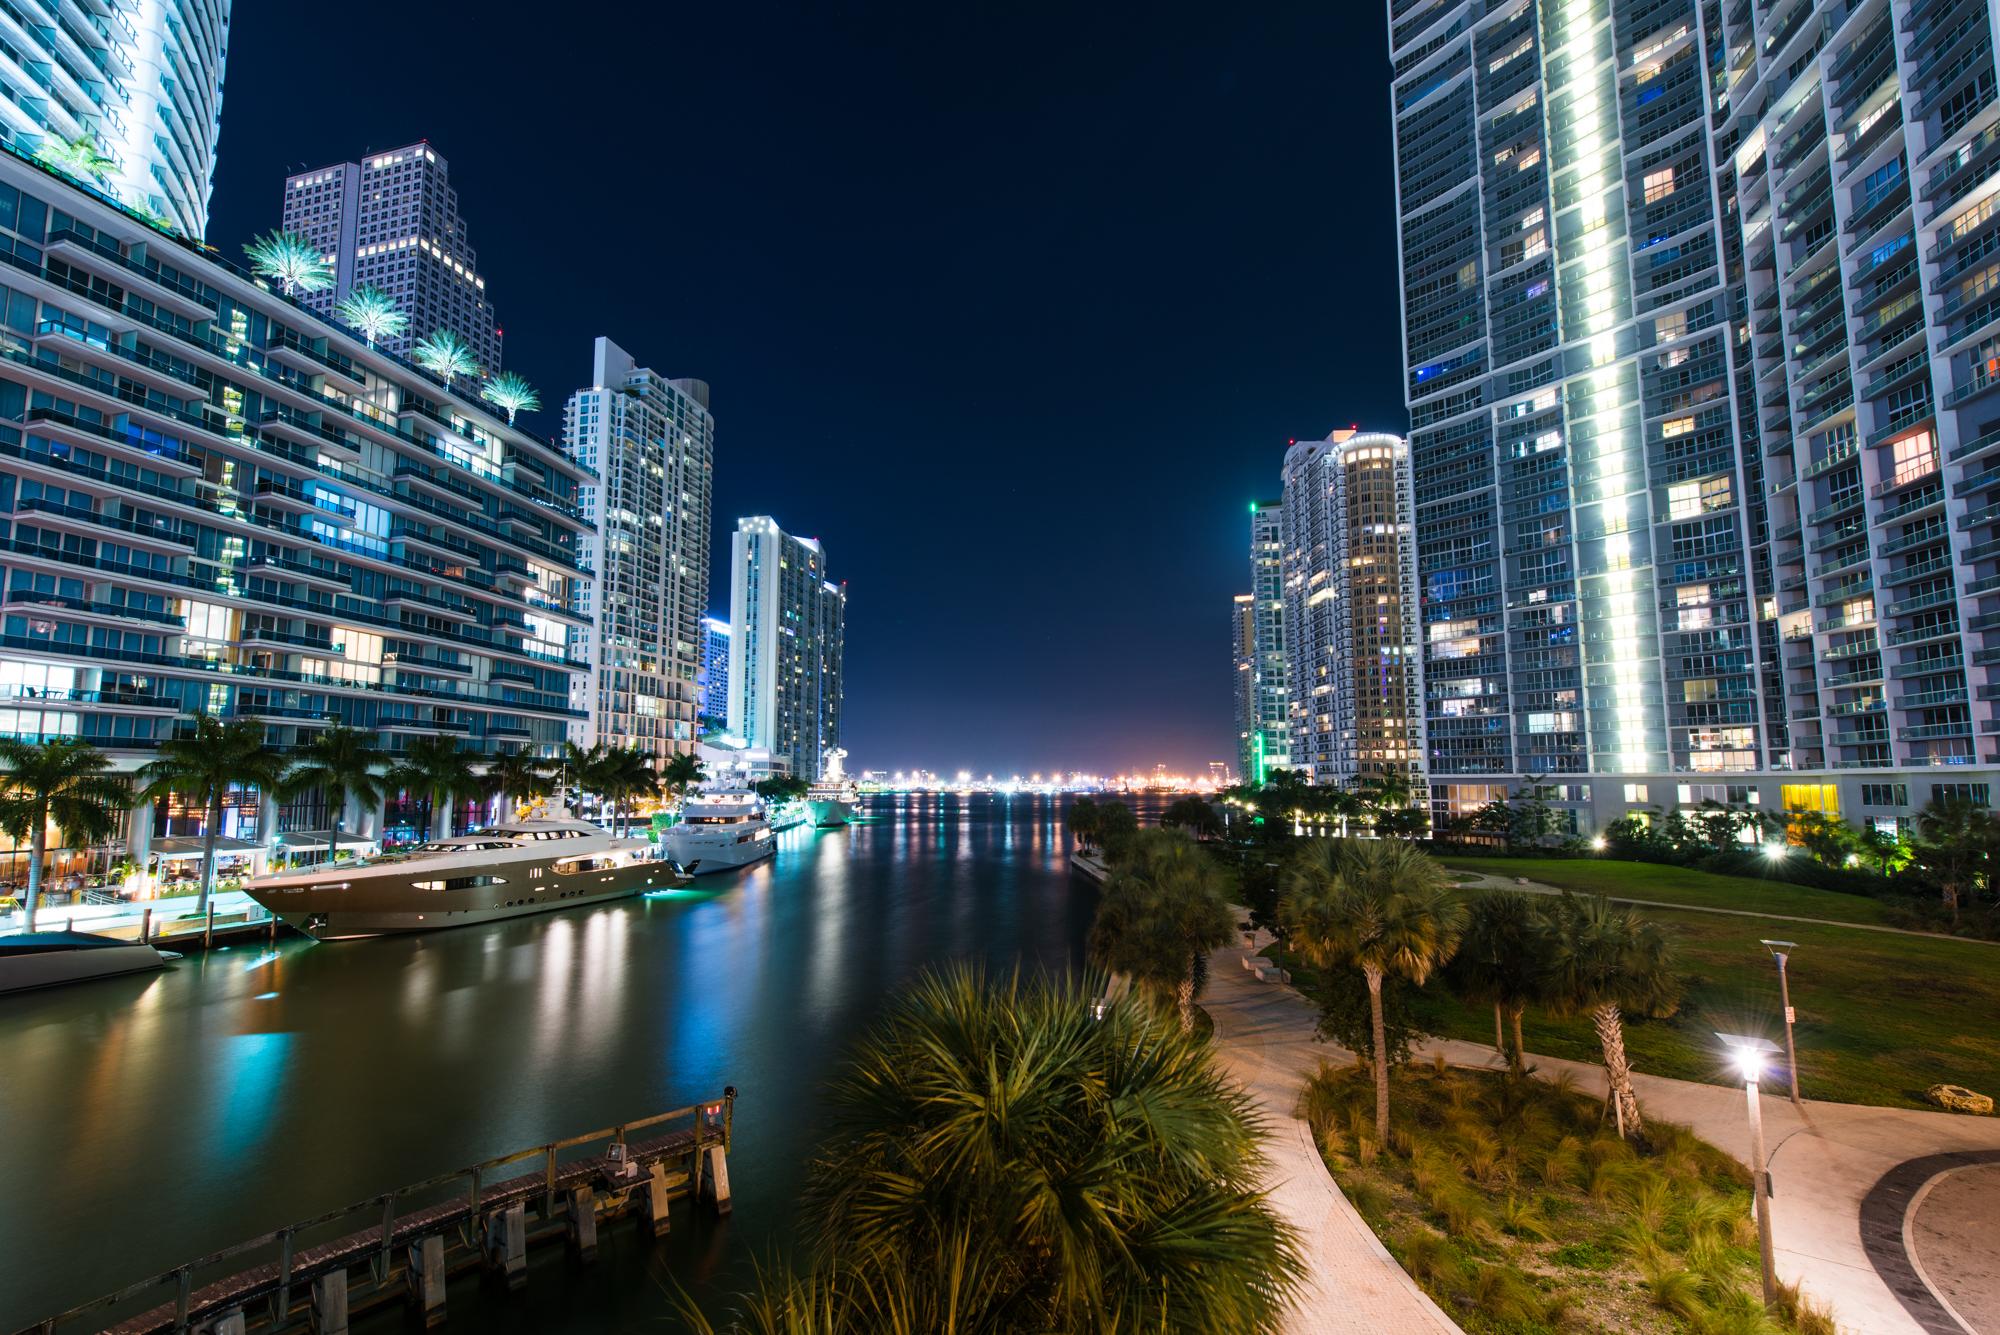 Miami River, USA